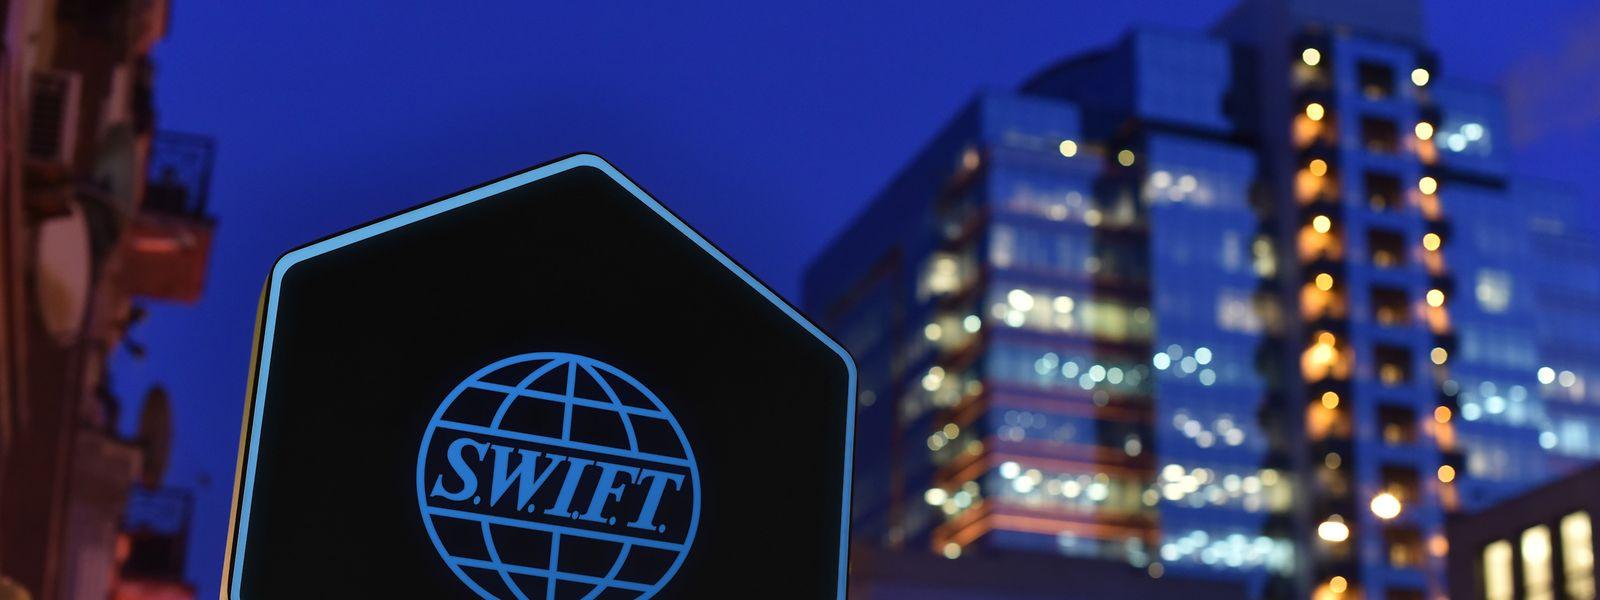 Der Datenübermittler Swift wurde in Europa gegründet, wo sich auch der Unternehmenssitz befindet – iranische Banken monieren, dass der Dienstleister dennoch US-Recht dem europäischen Recht überordnet.